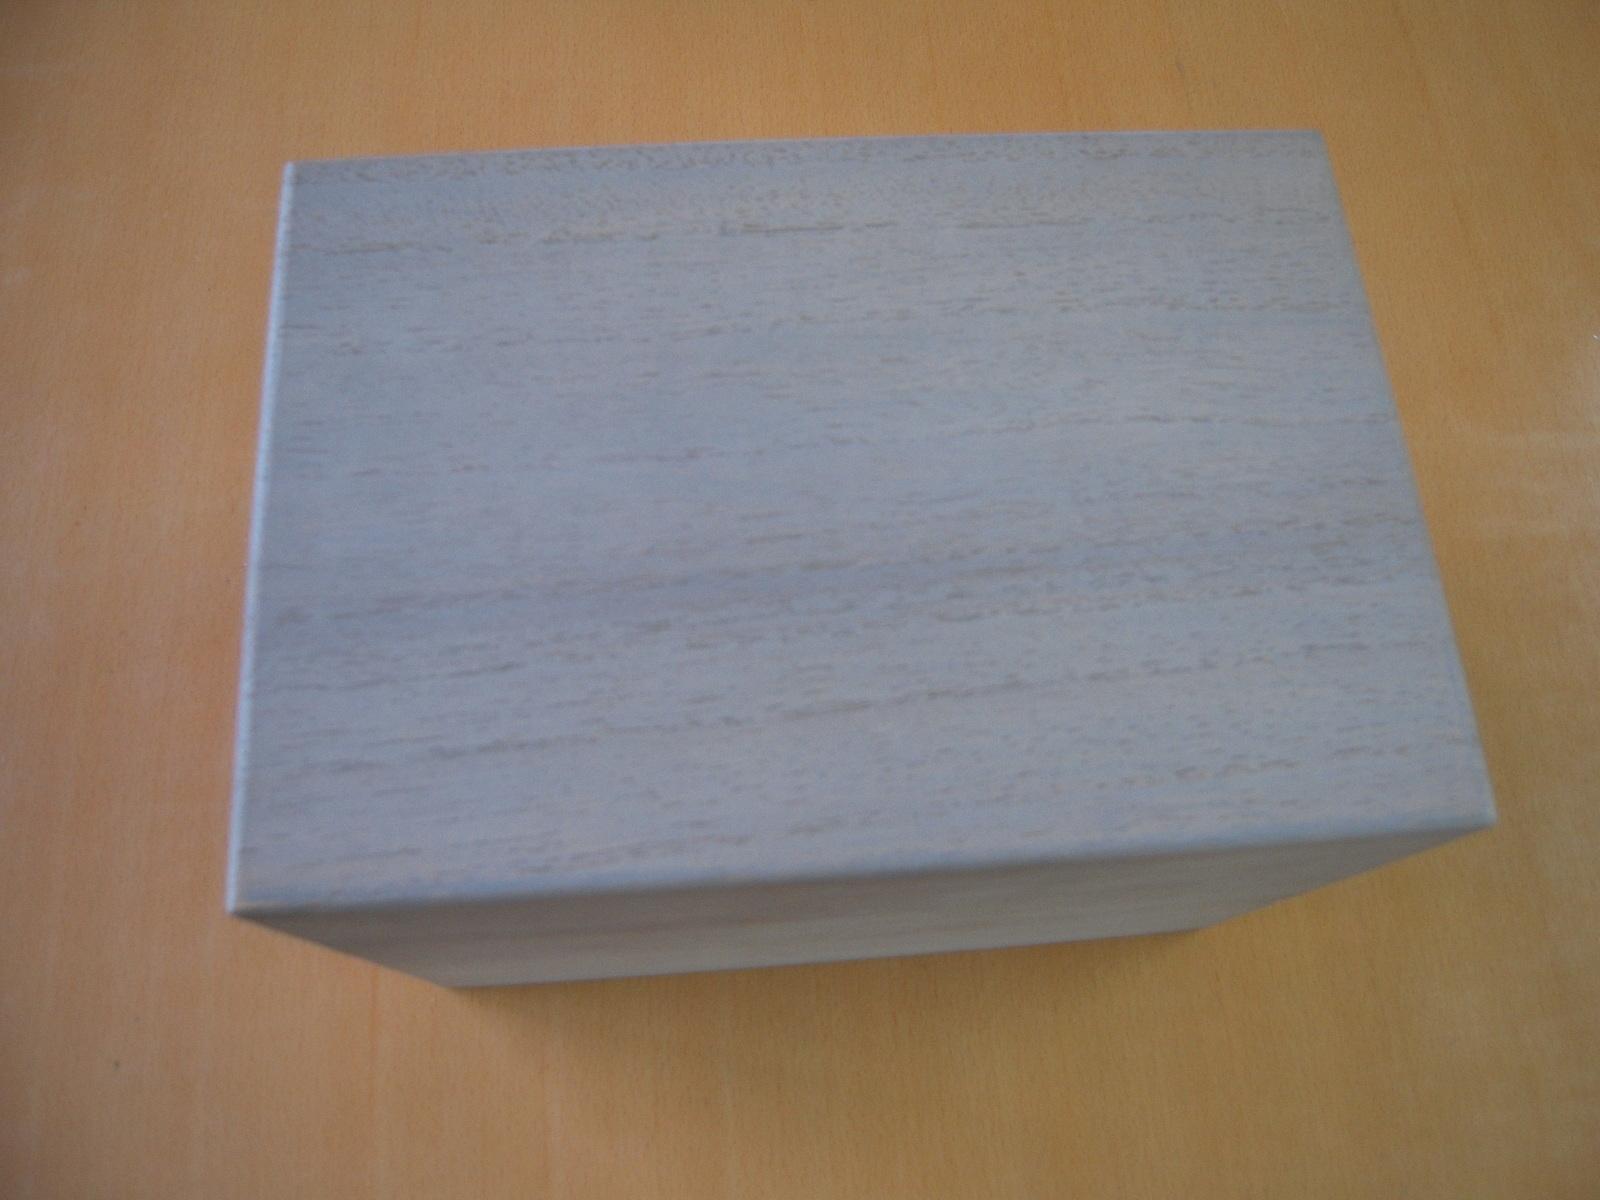 トレンド 整理箱 桐製 国産 営業 オリジナル 整理 収納 手作り 小物 ケース CD 桐箱 文房具 小物入れ